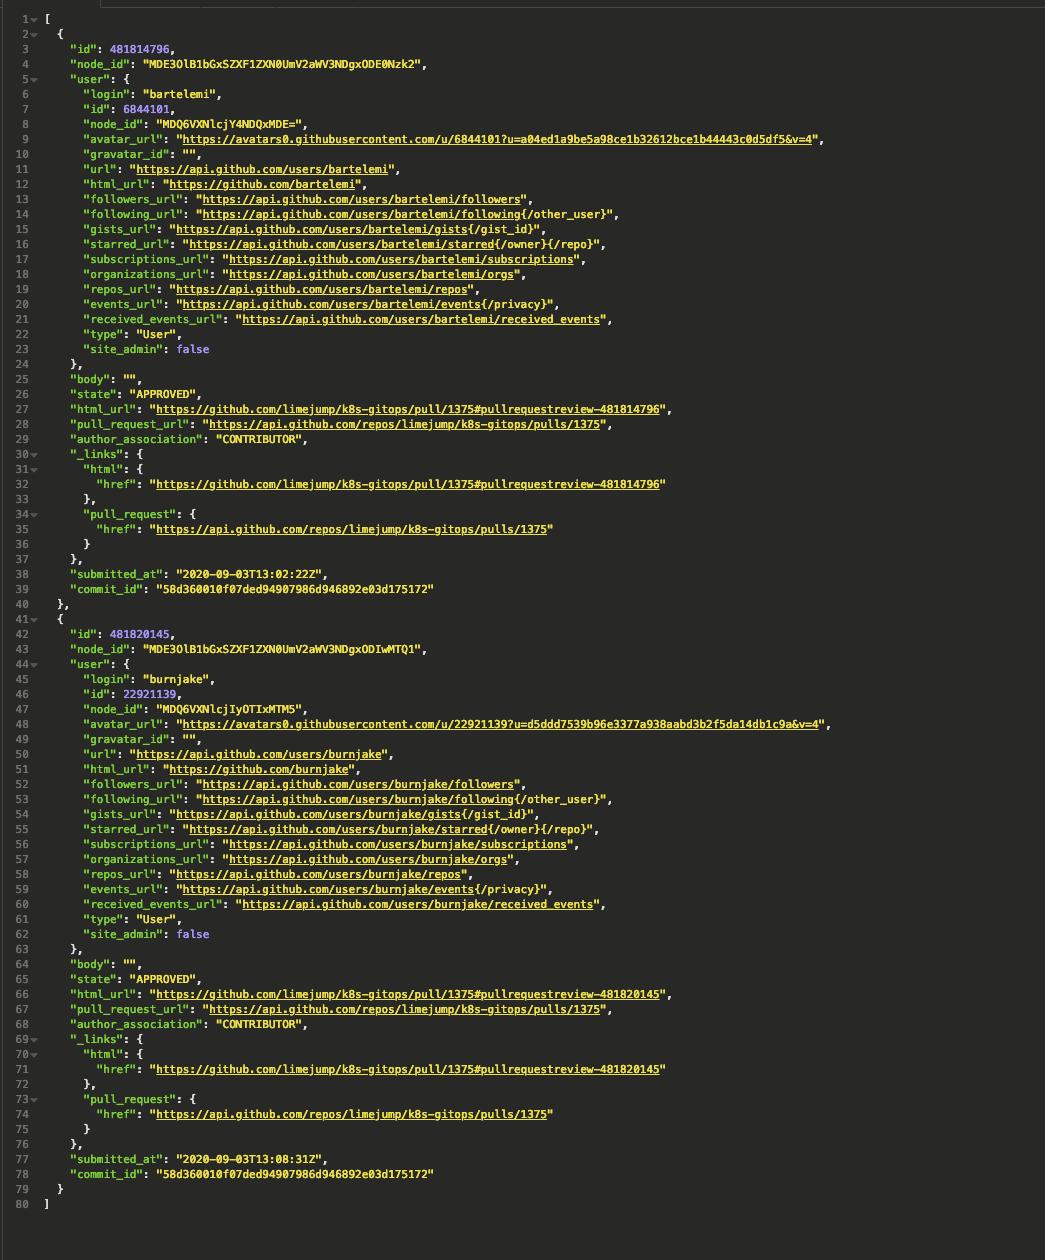 Screenshot 2020-09-03 at 14 50 10